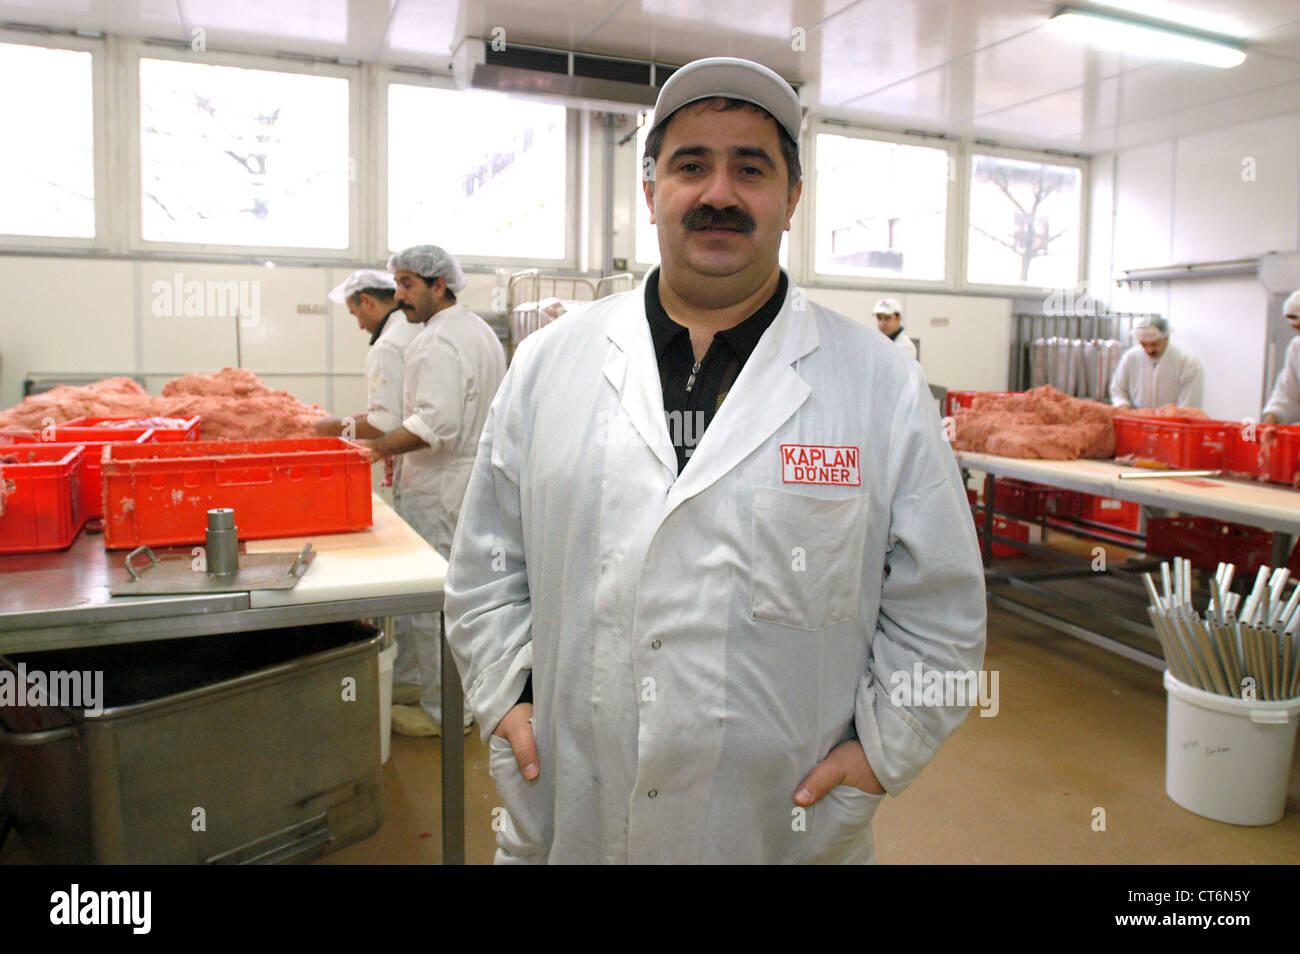 Doenerproduzent Remzi Kaplan, Berlin - Stock Image